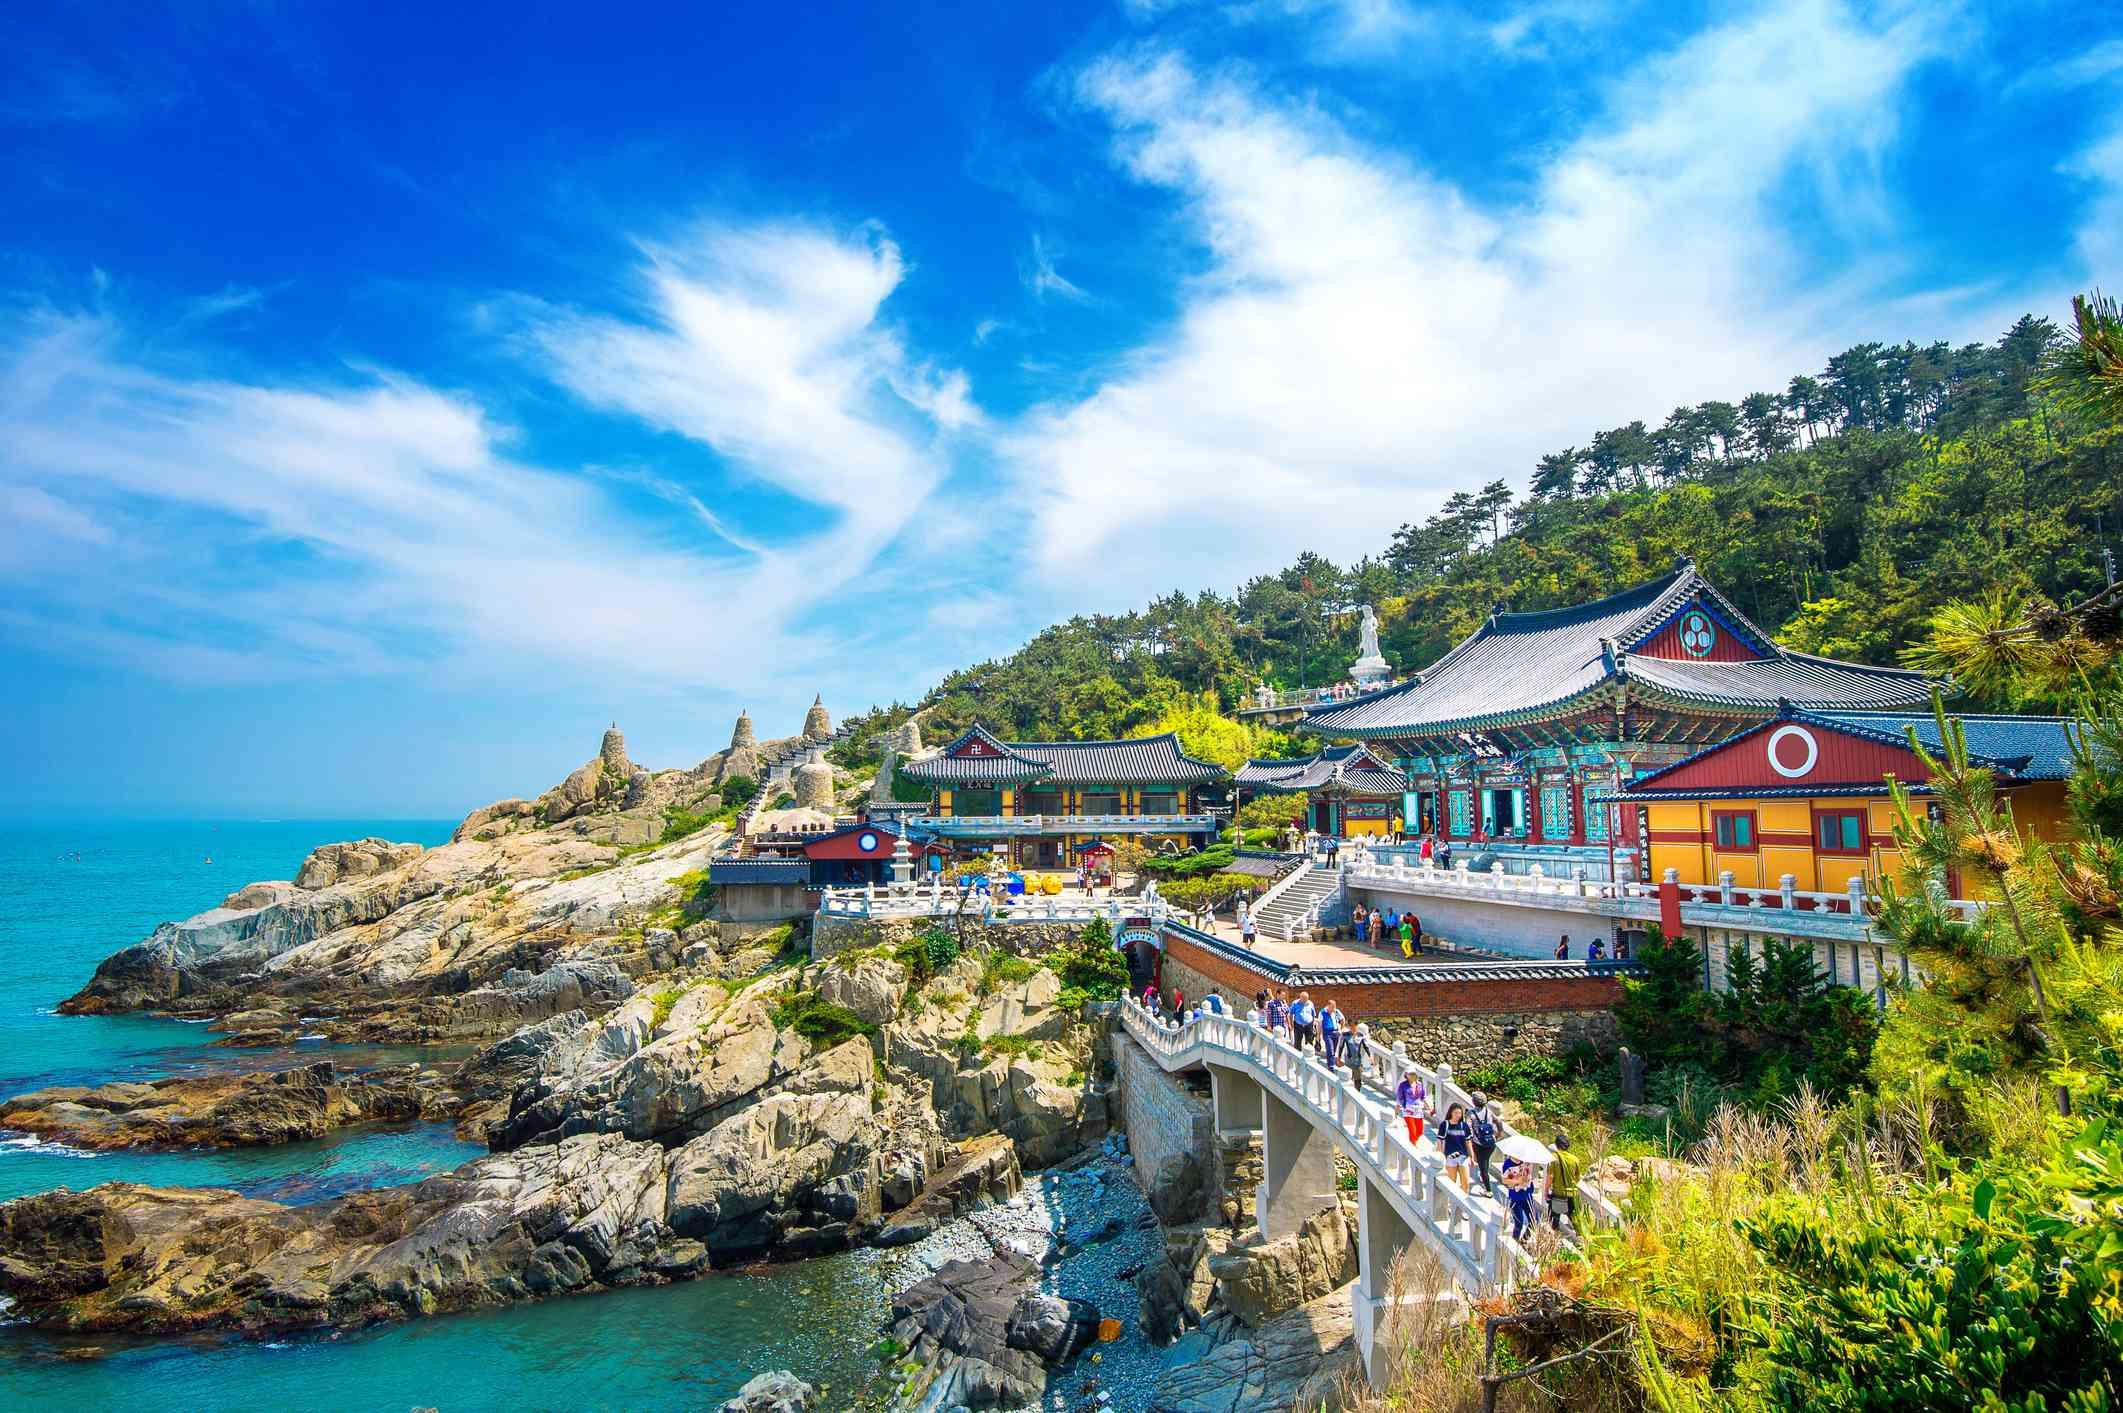 Haedong Yonggungsa Temple and Haeundae Sea in Busan, South Korea.